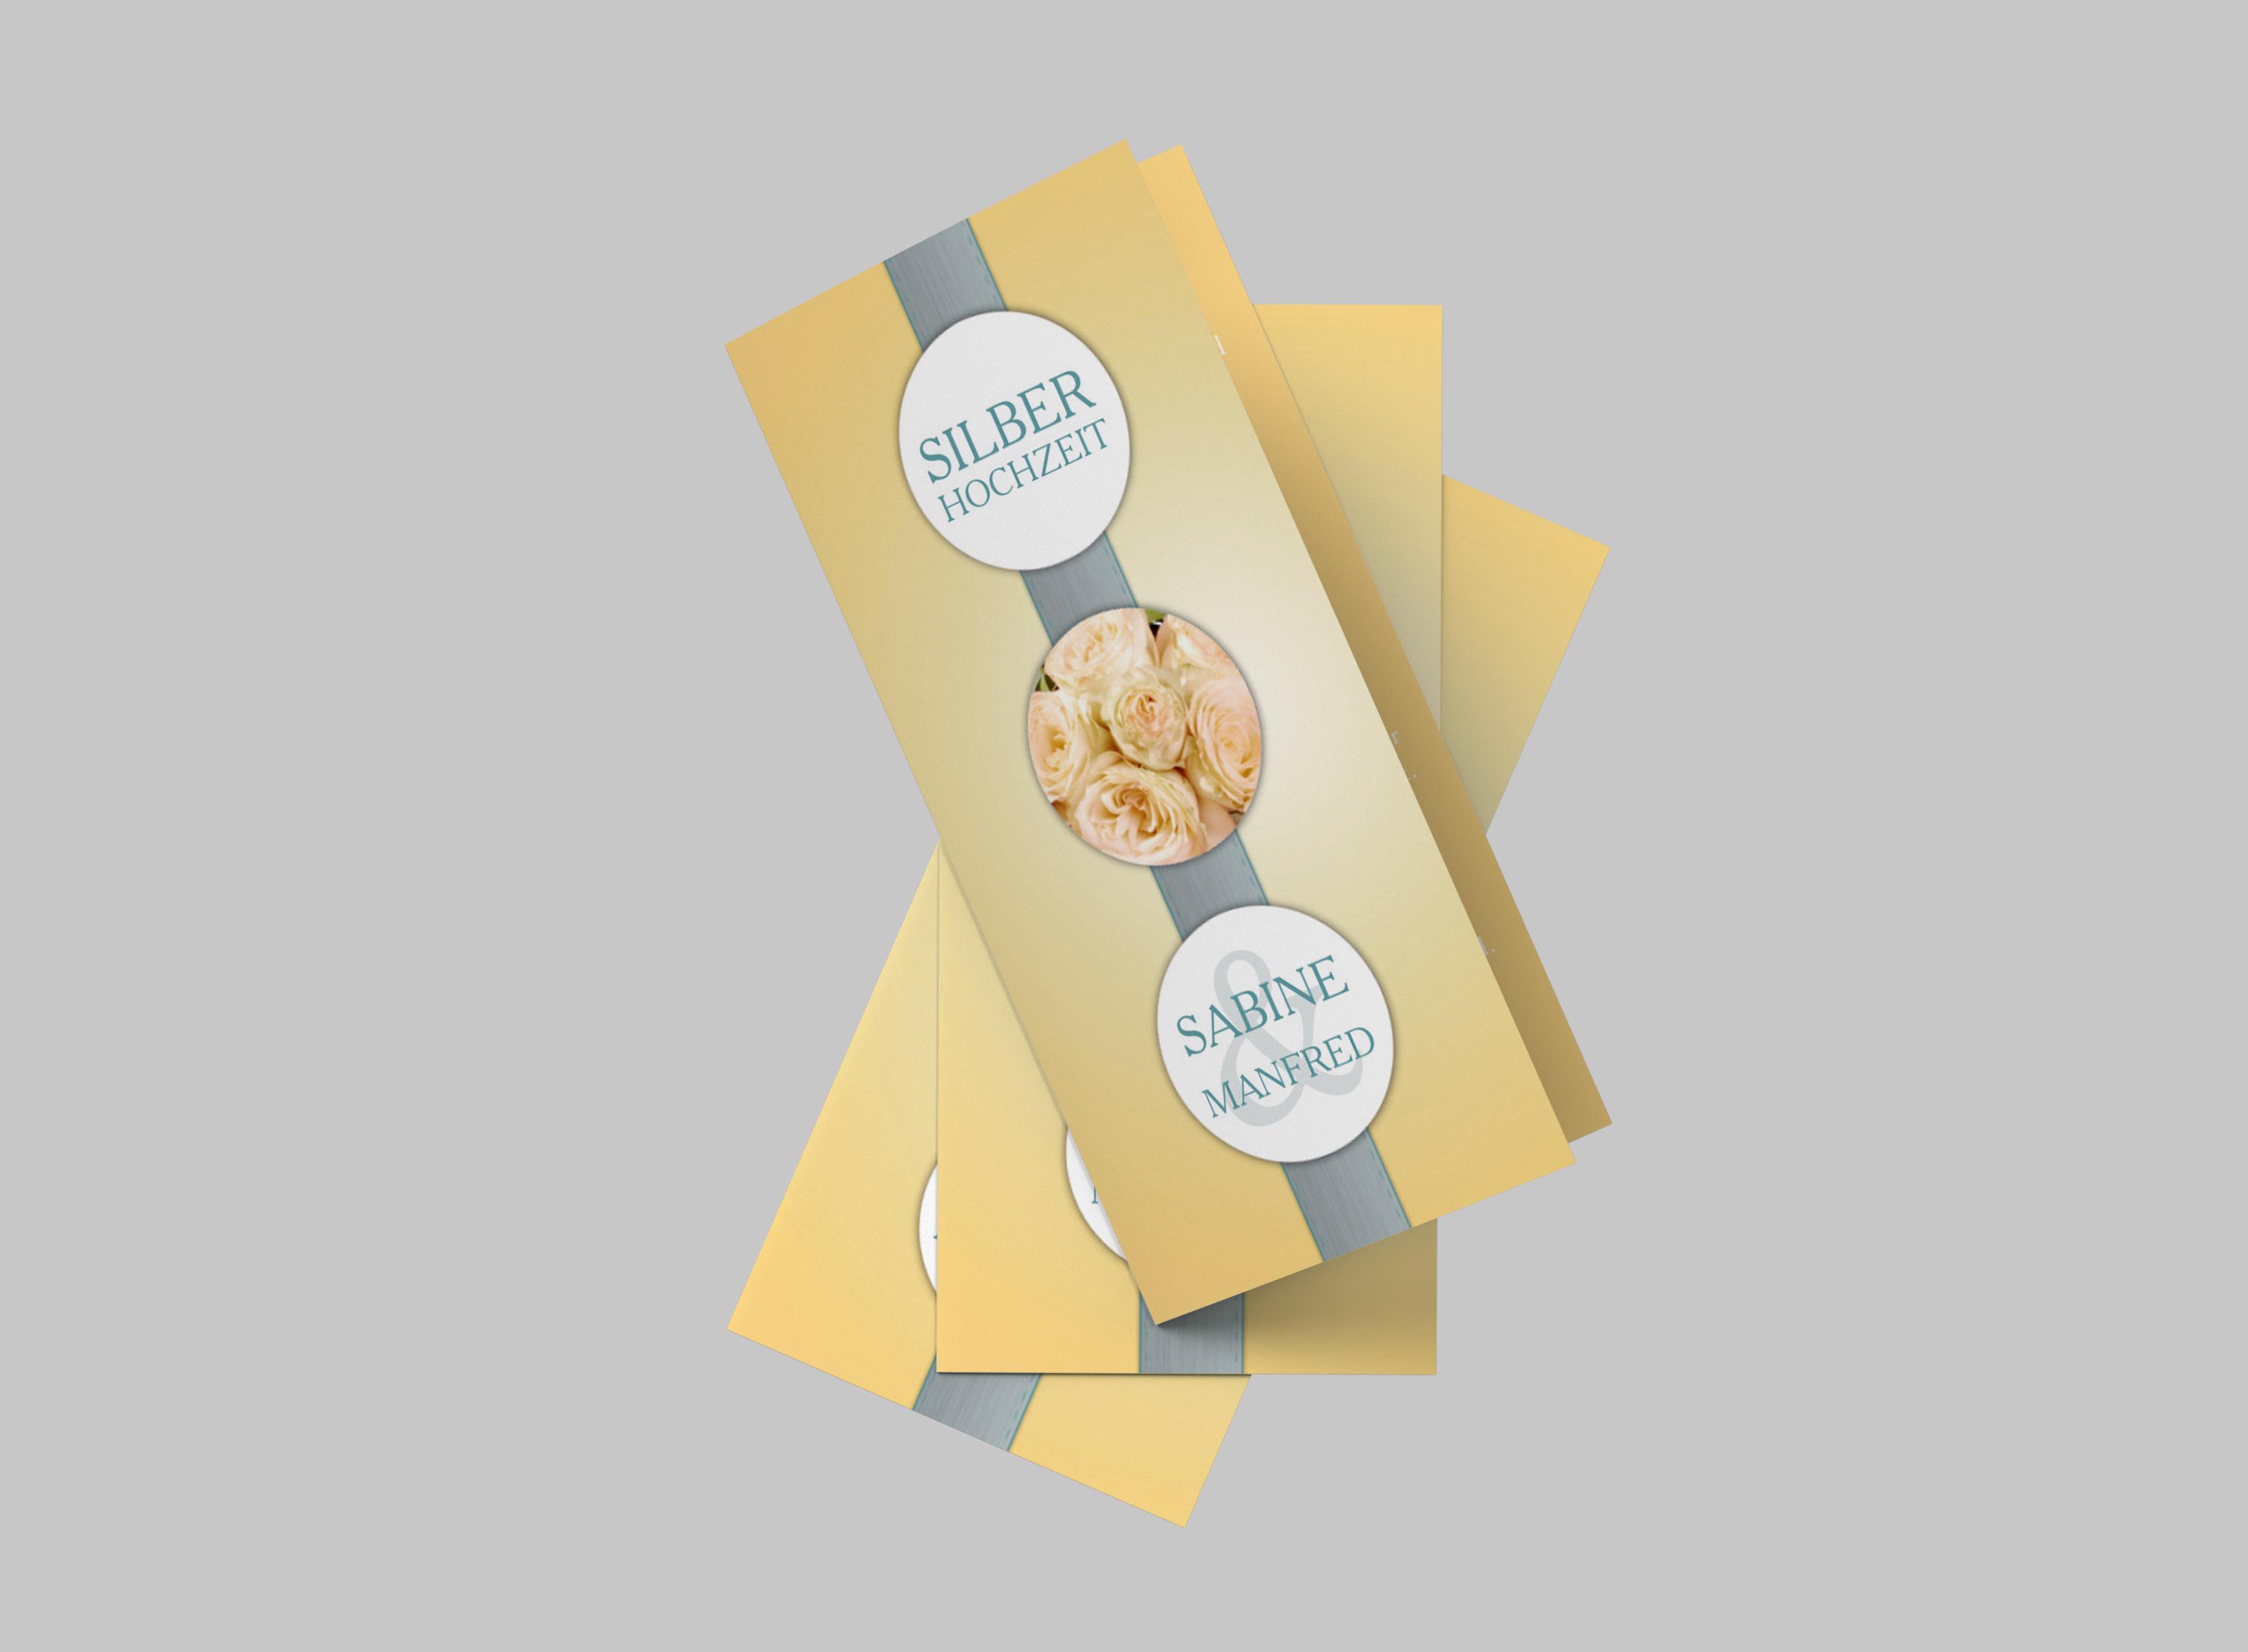 Einladungskarte Silberhochzeit Rosenband